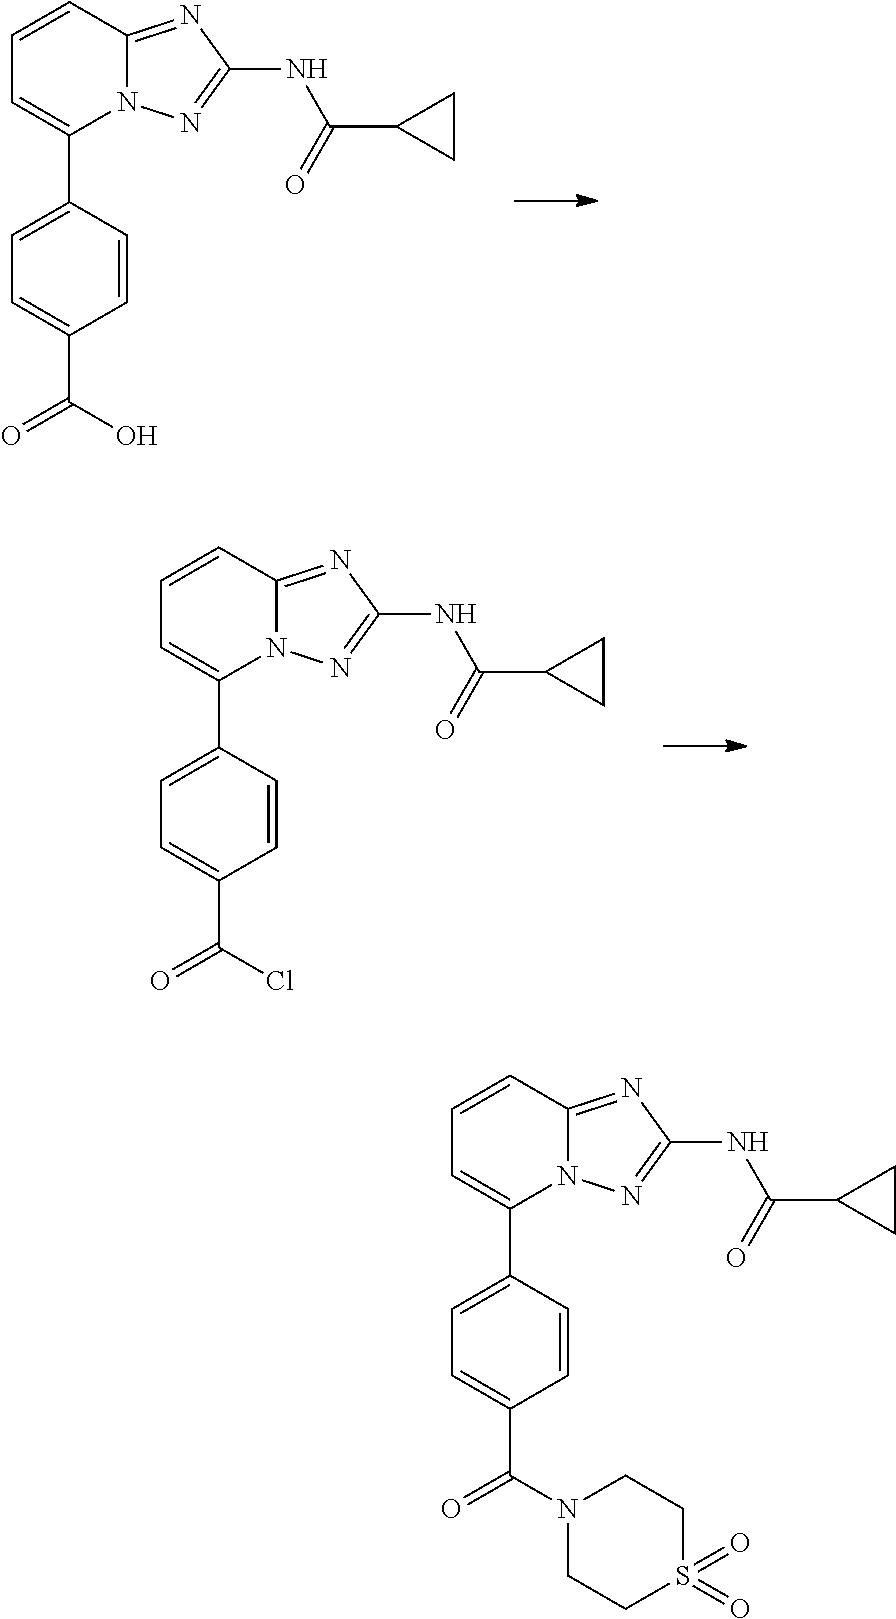 Figure US20100331319A1-20101230-C00007